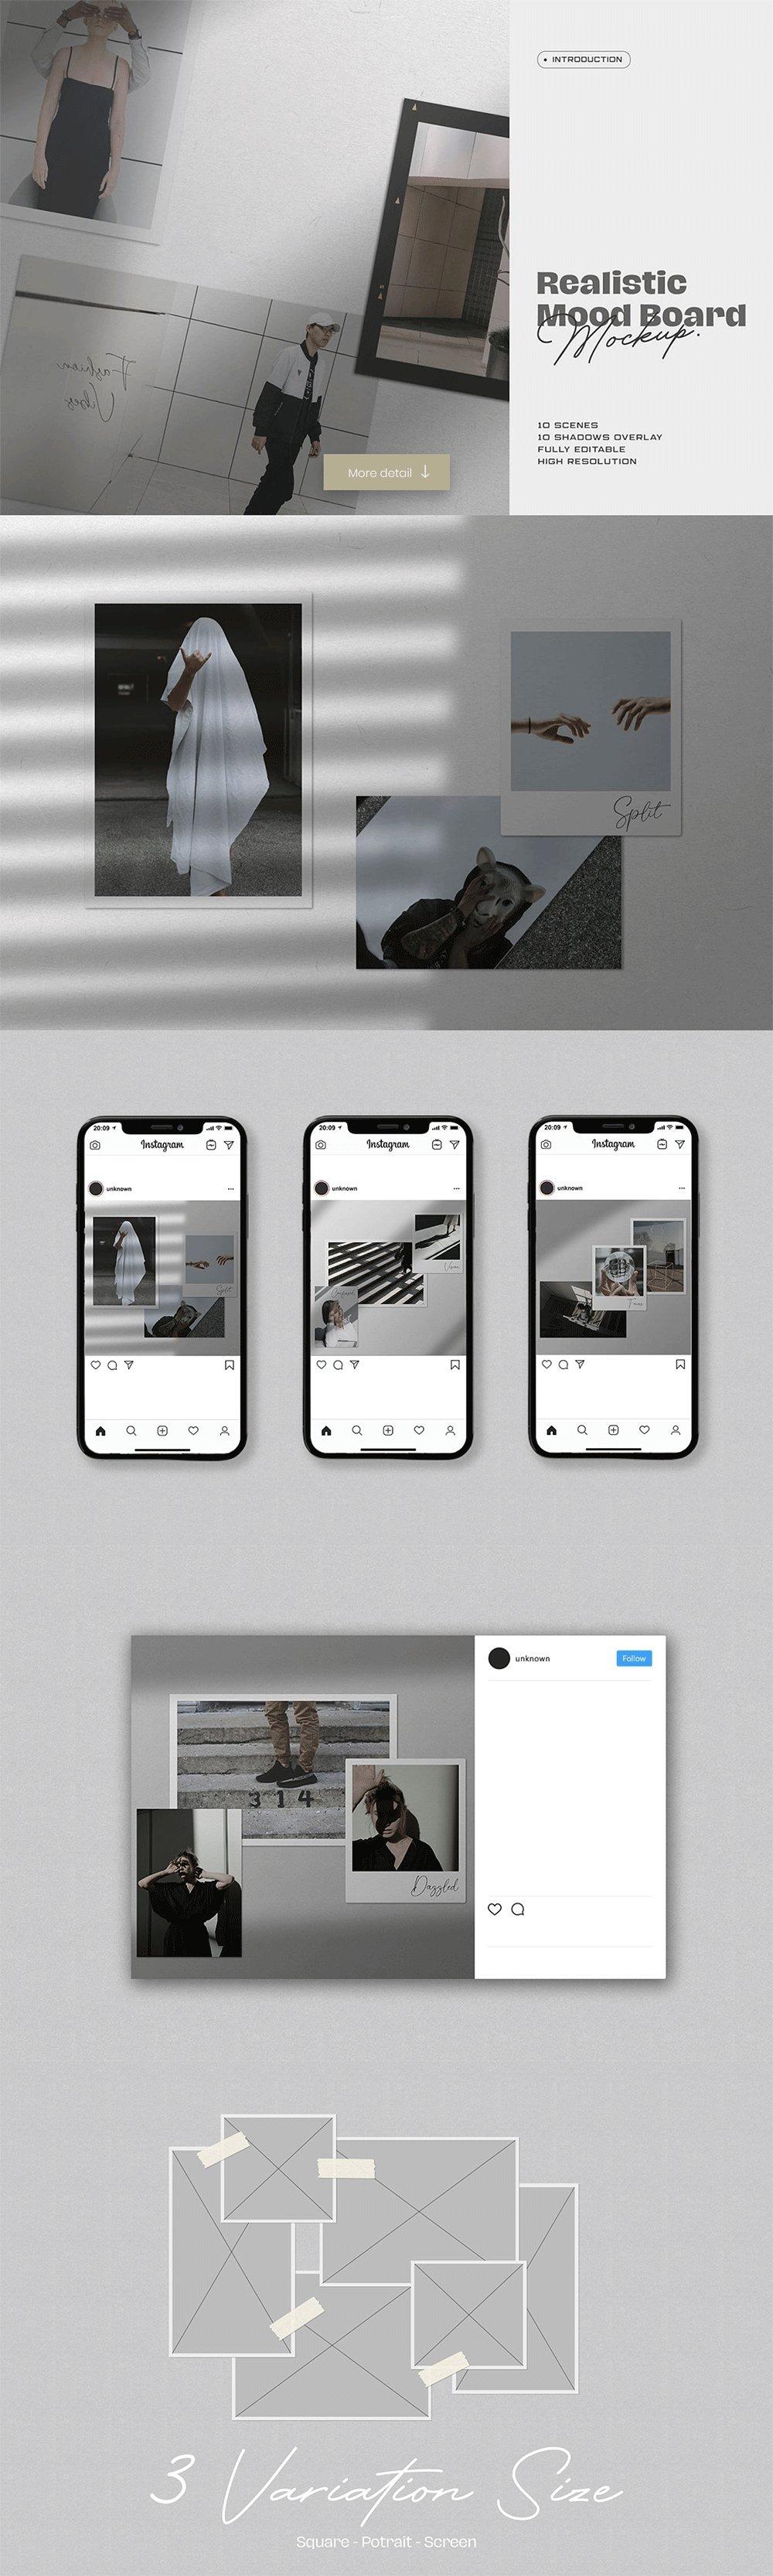 [淘宝购买] 10套文艺情绪板摄影相片卡片拼贴设计PSD源文件 Bundle Moodboard Mockup V1插图(4)